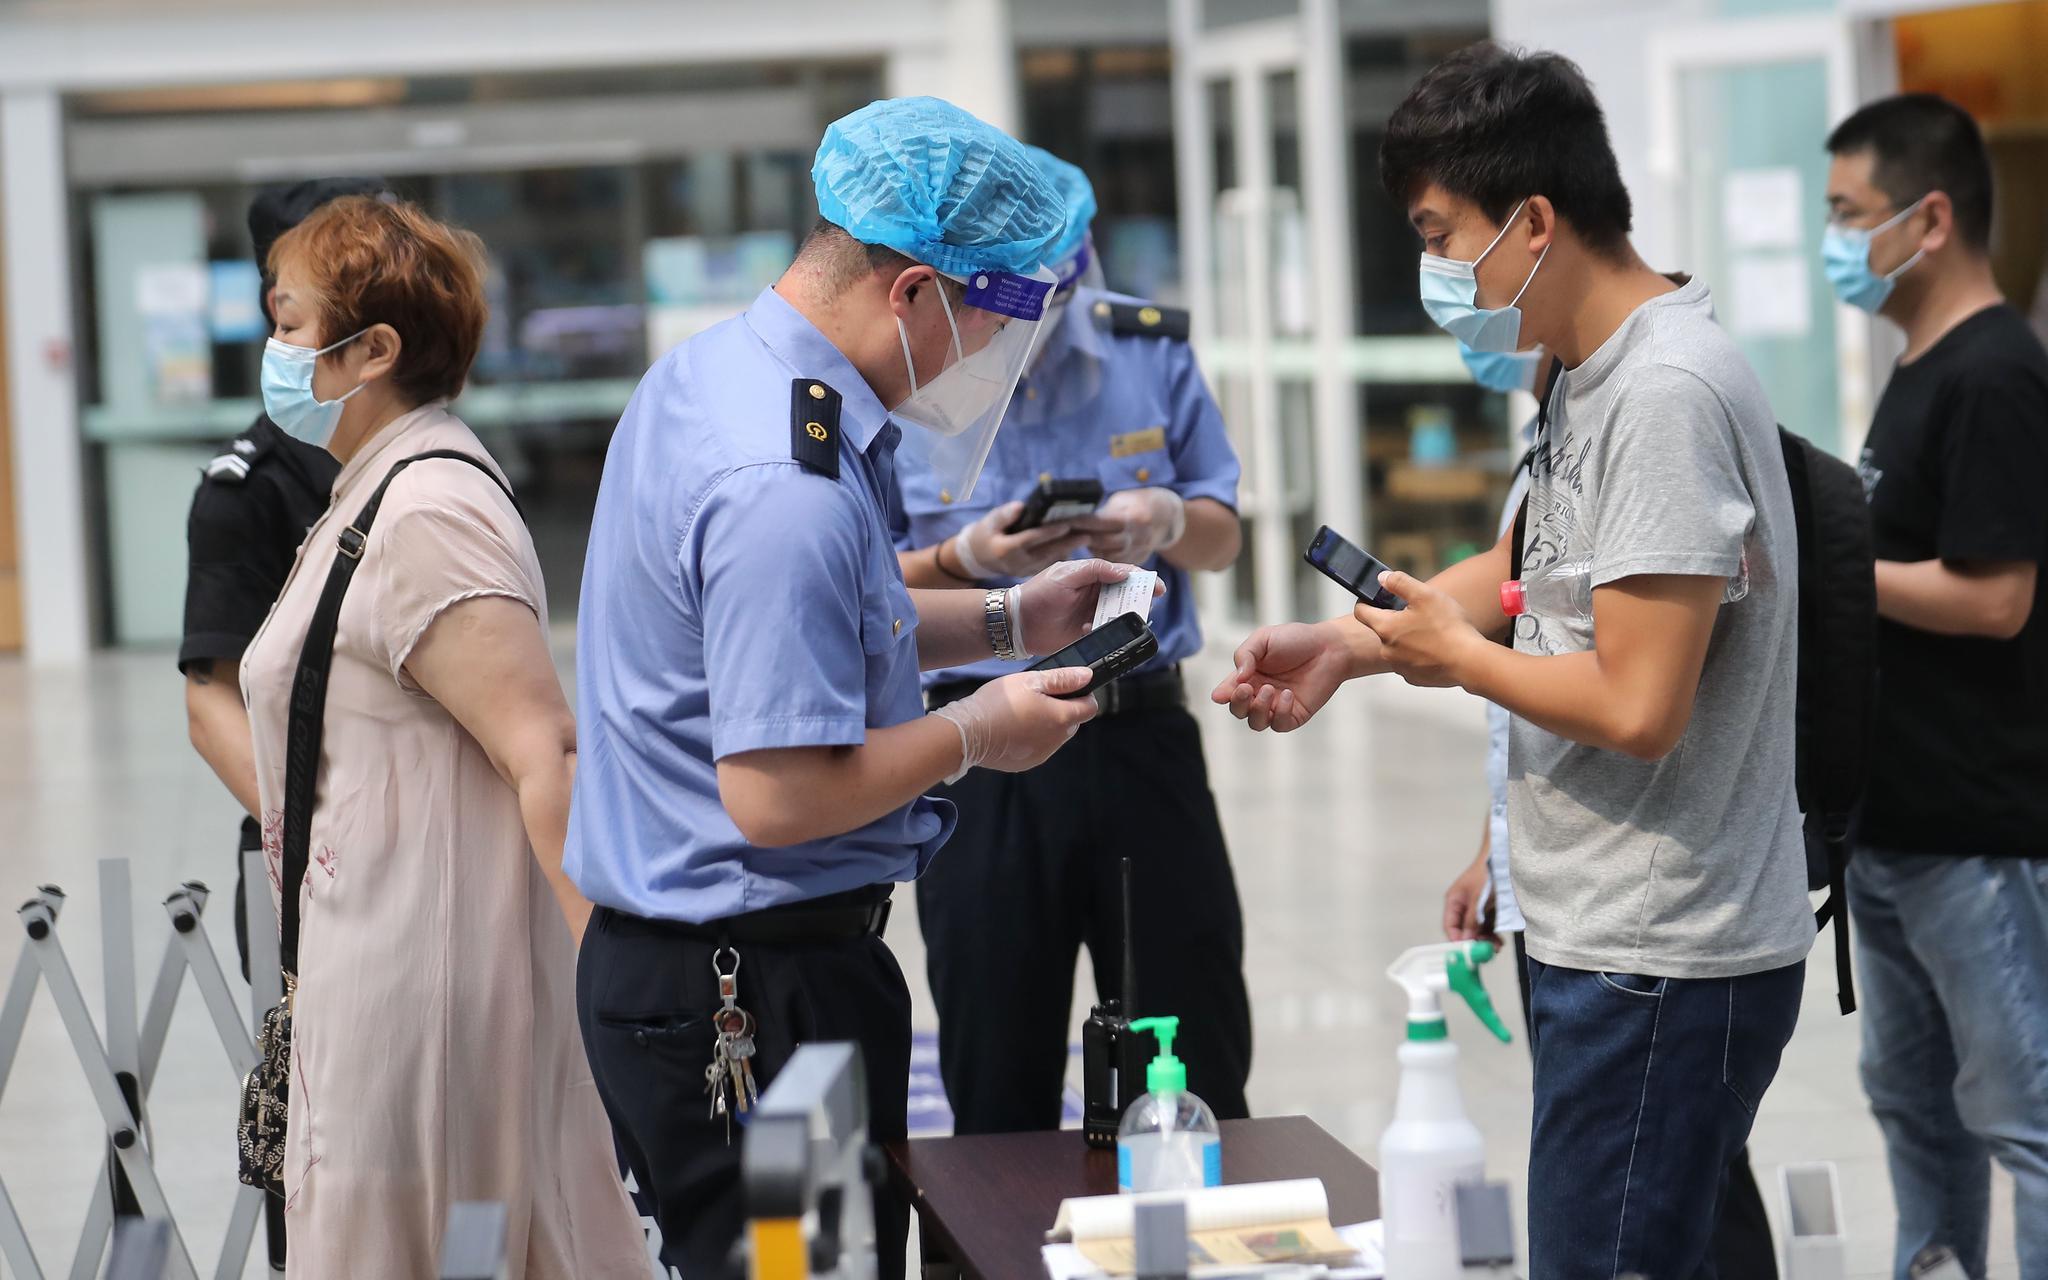 北京南站,车站事情职员通过手持终端装备核验游客的购票信息。拍照/新京报记者 王贵彬